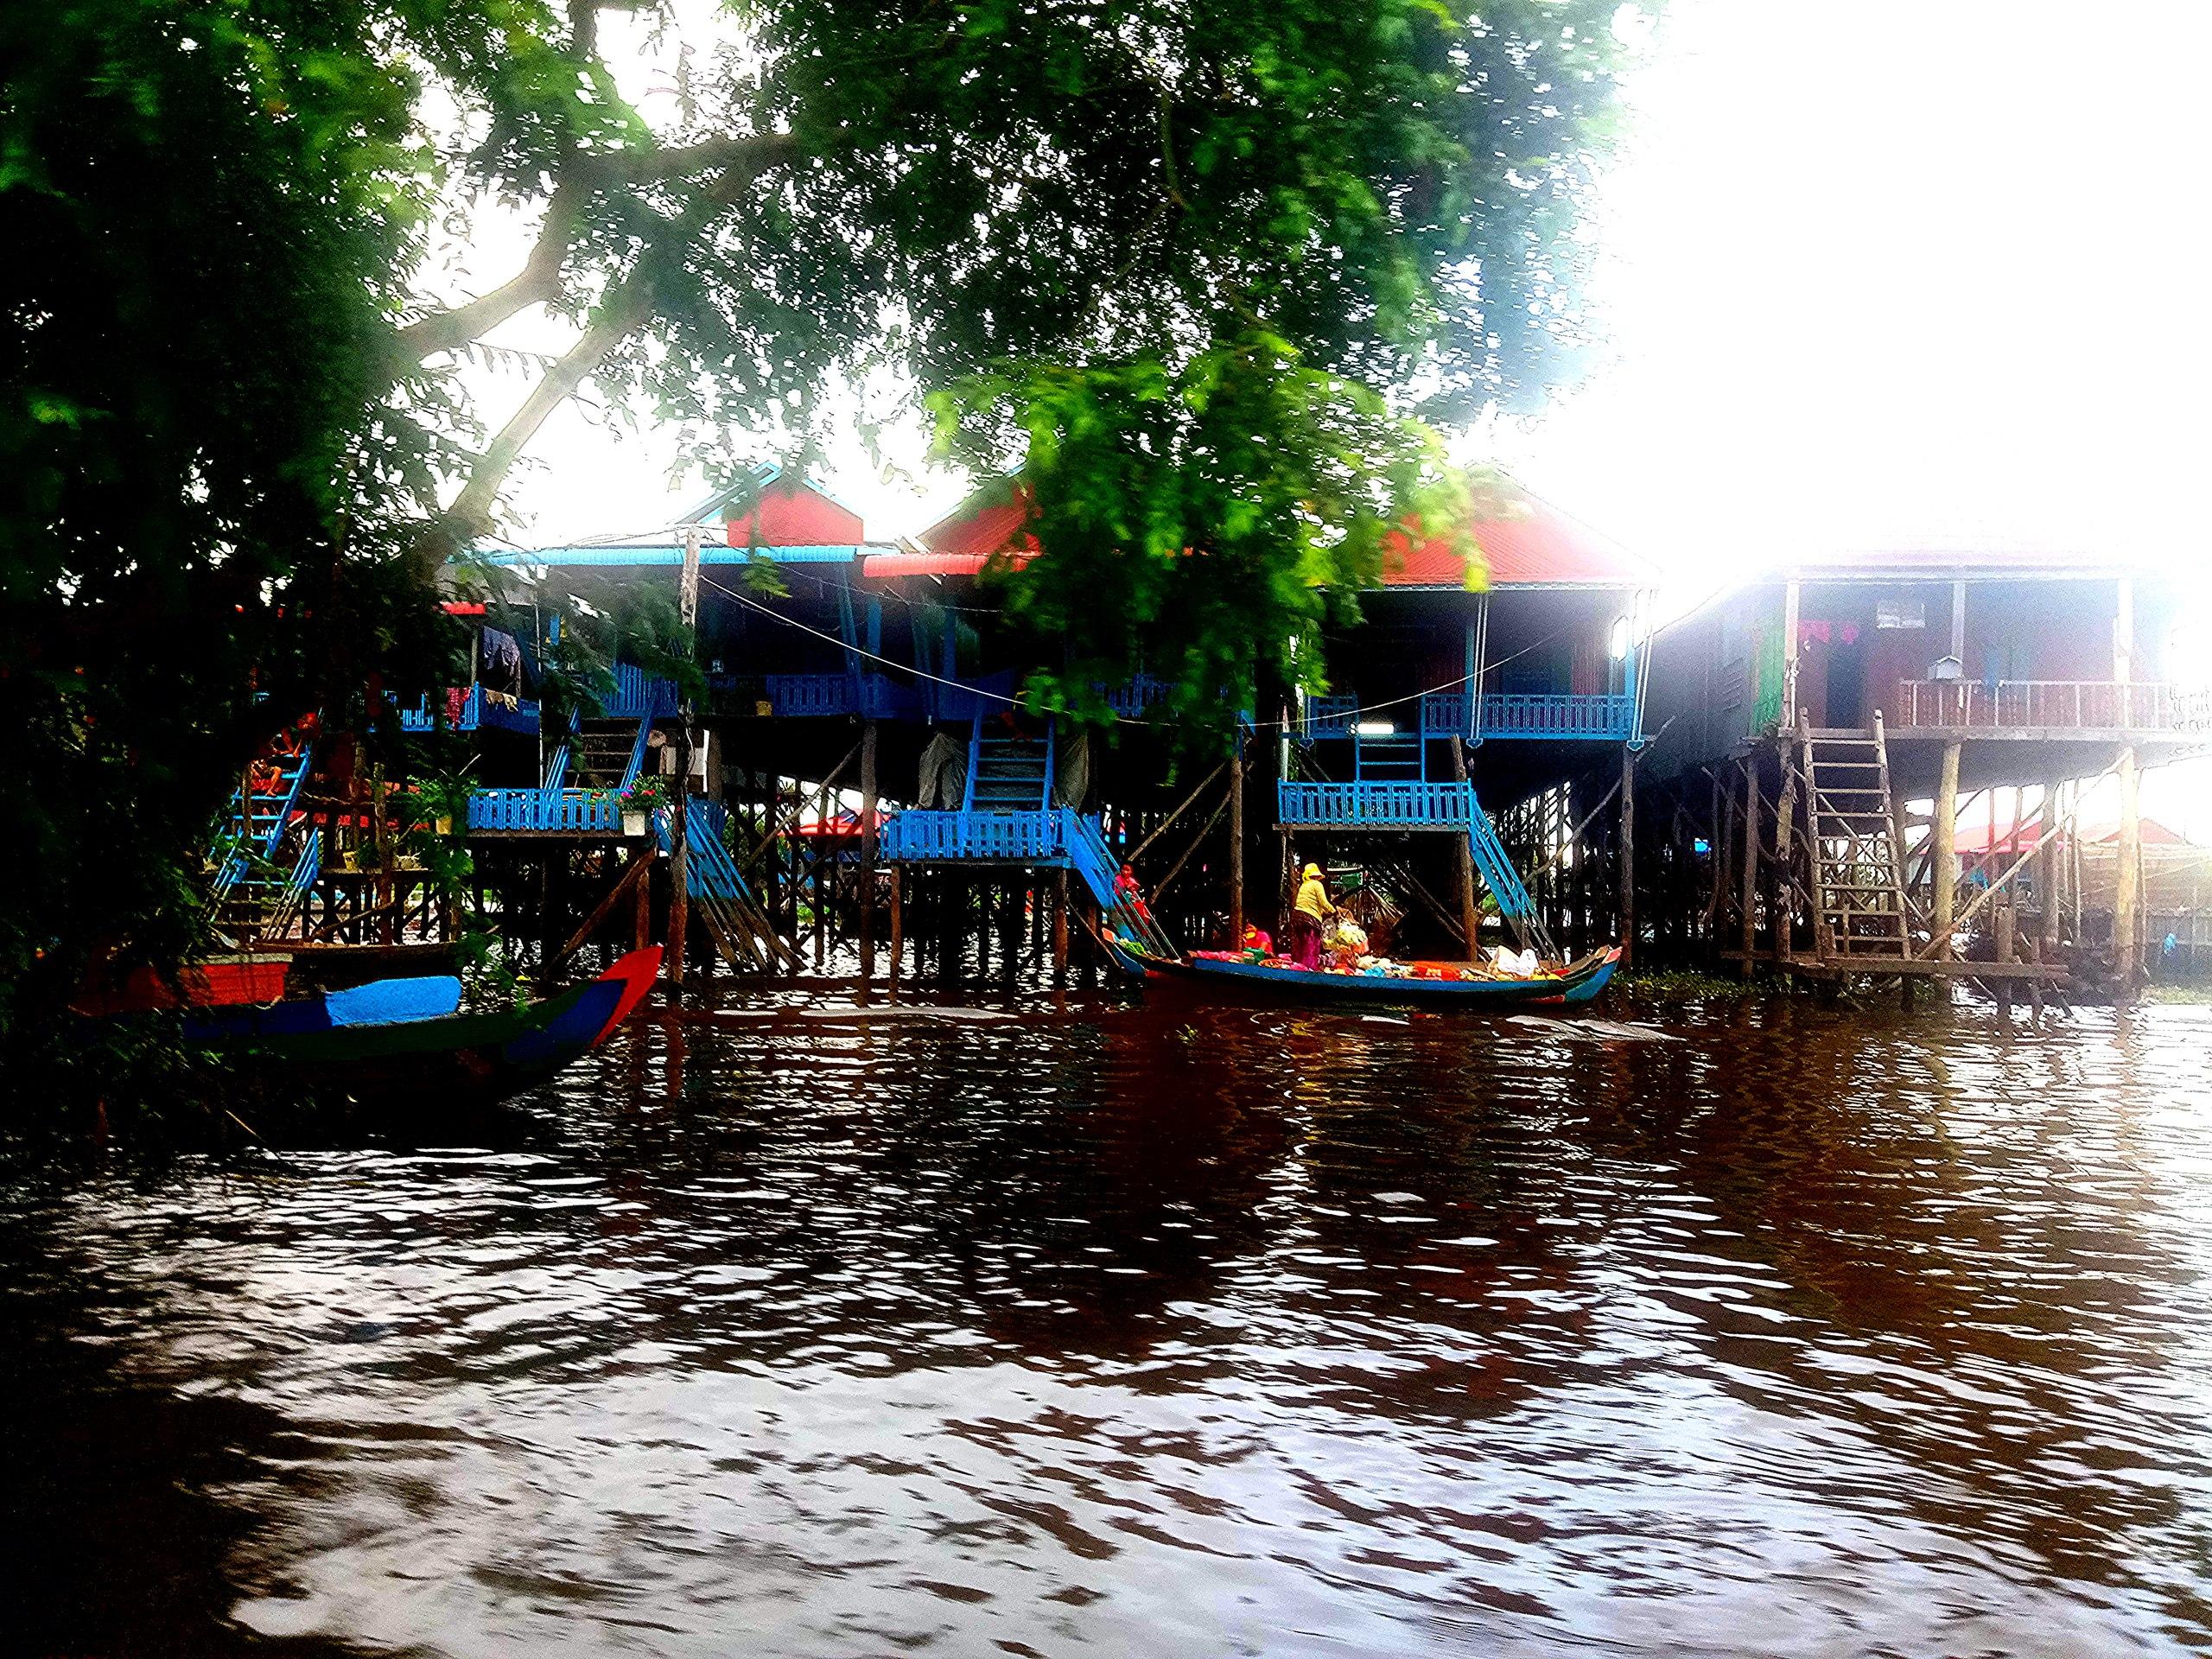 travel - Елена Руденко (Валтея). Камбоджа. Озеро Тонлесап. - Страница 2 K7fqIAvL_Iw